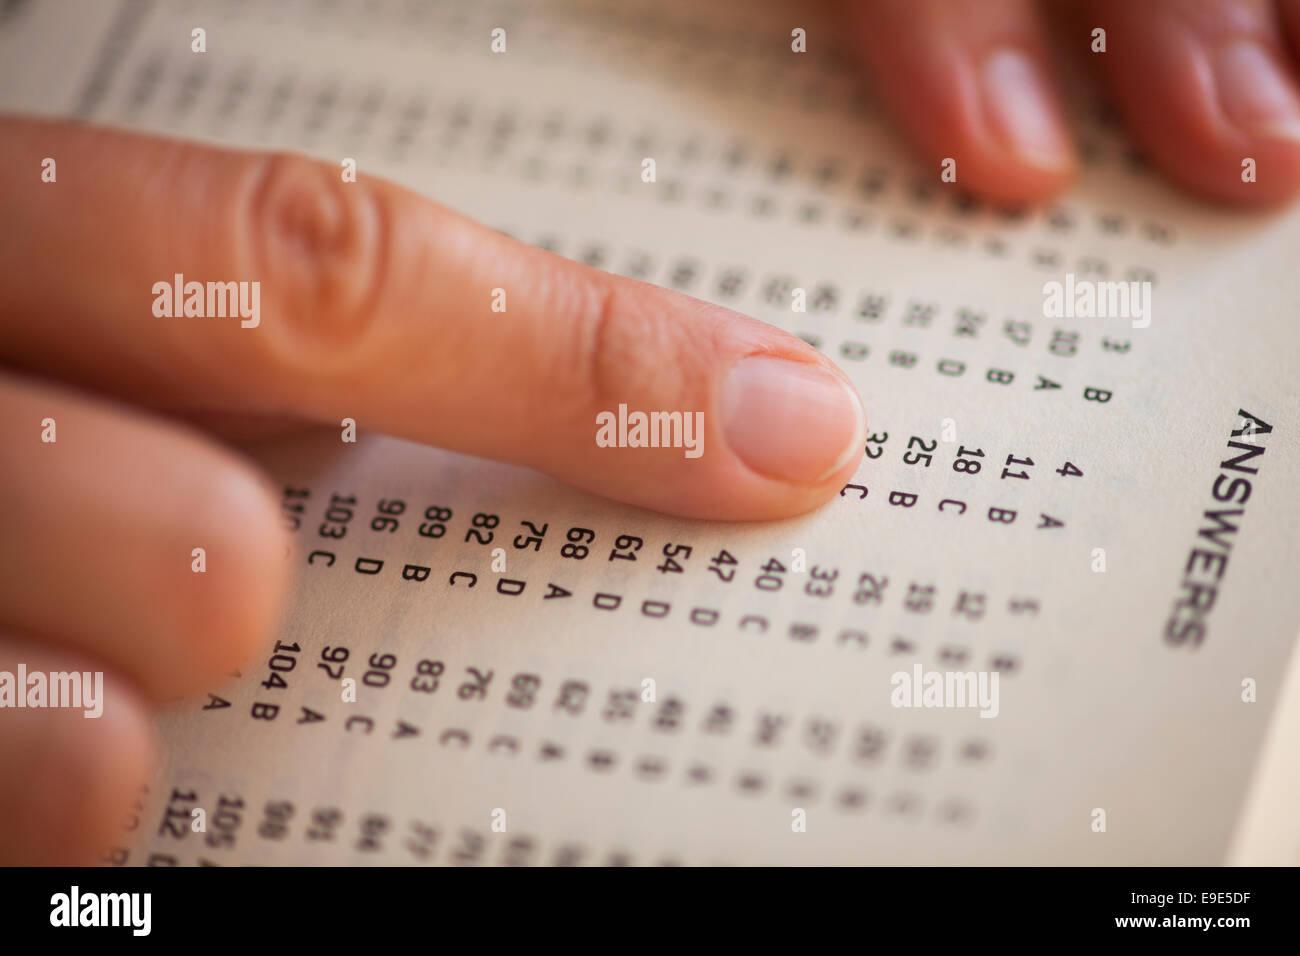 Die Hände der Frau auf Buchseite mit richtigen Antworten. Geringe Schärfentiefe. Stockbild